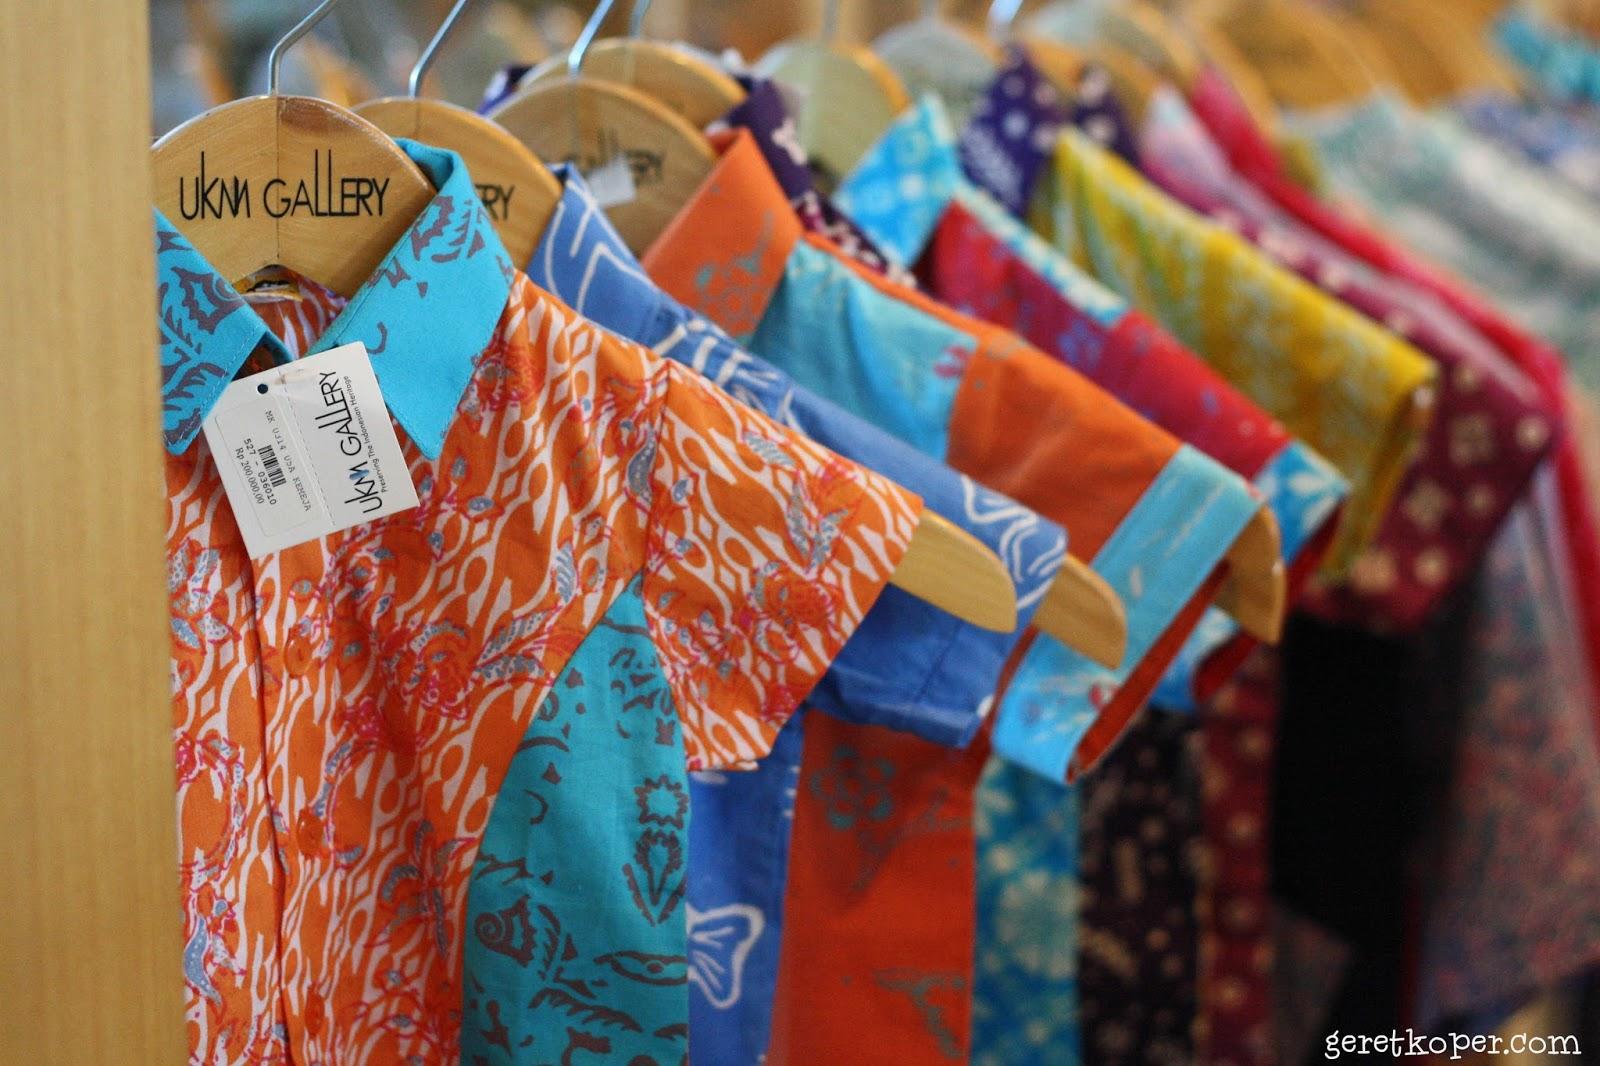 Beli Oleh Dari Seluruh Indonesia Di Smesco Jakarta Geret Koper Produk Ukm Bumn Kain Batik Handmade Warna Alam Cakep Banget Yah Warni Baju Anaknya